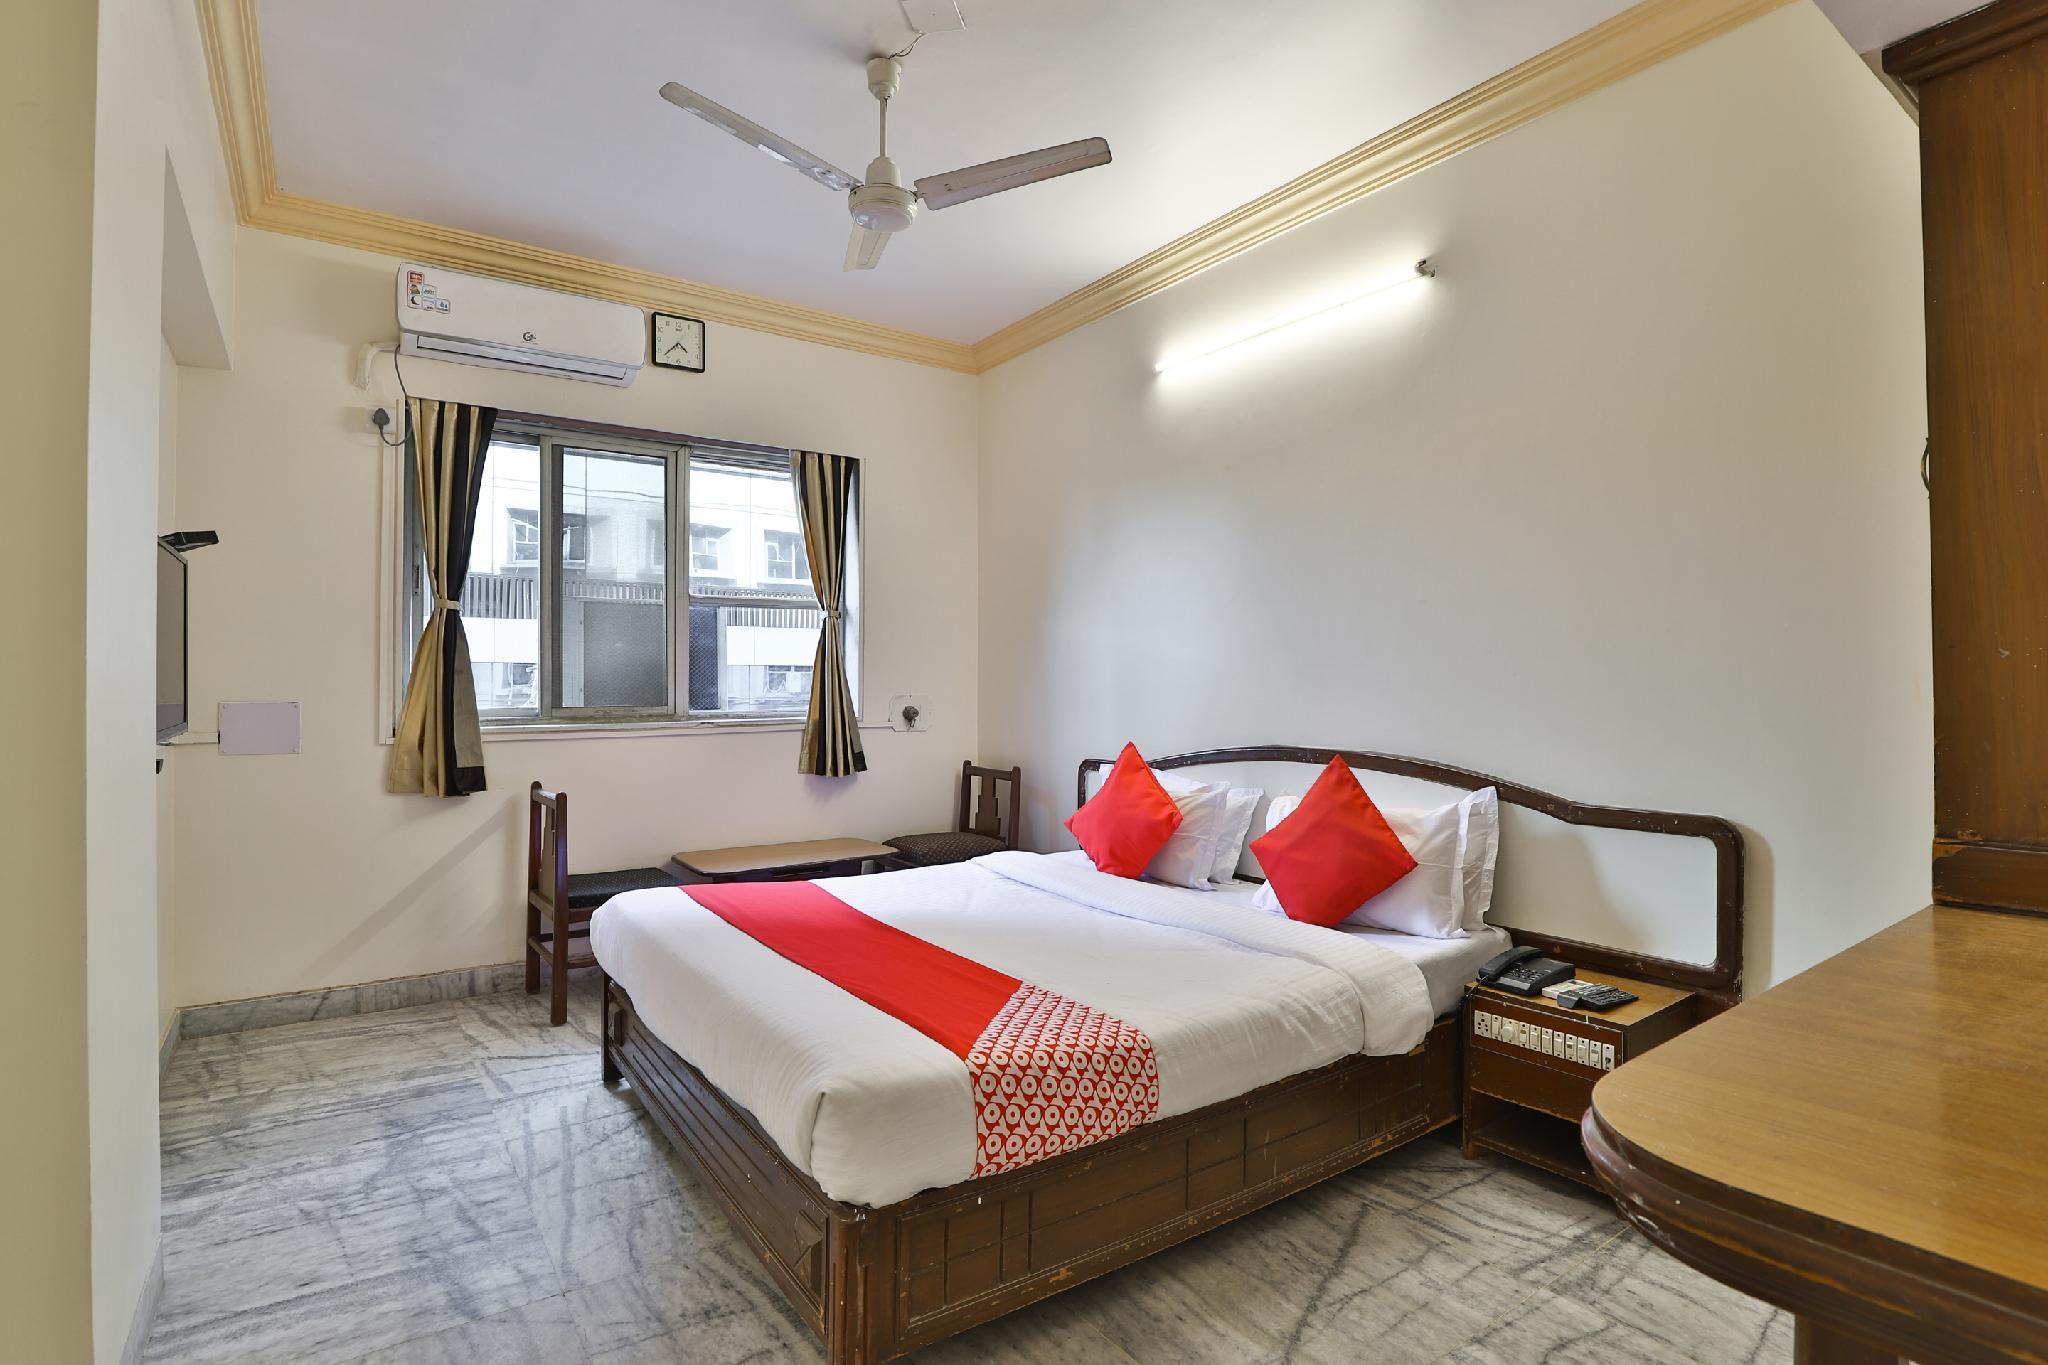 OYO 30296 Hotel Sha-inn, Bharuch